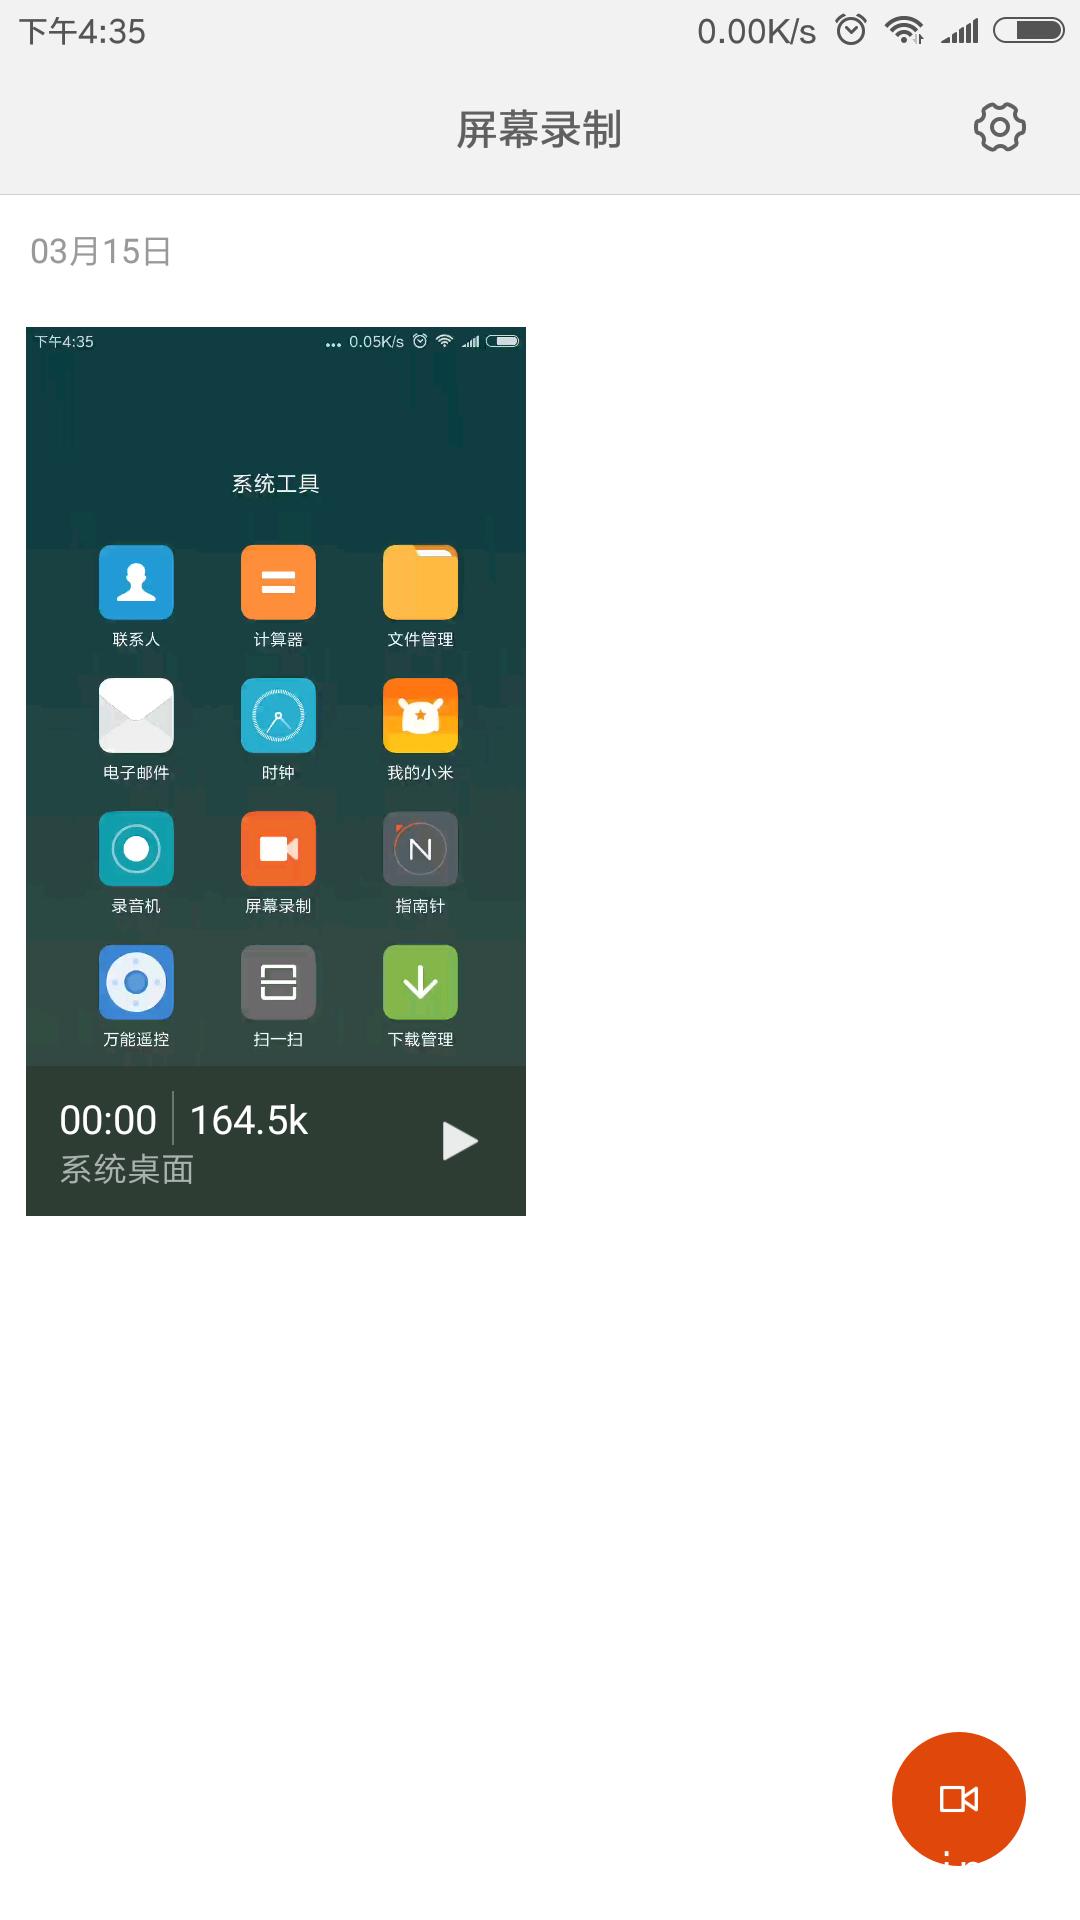 小米6如何开启(关闭)录屏功能 AR攻略 第4张